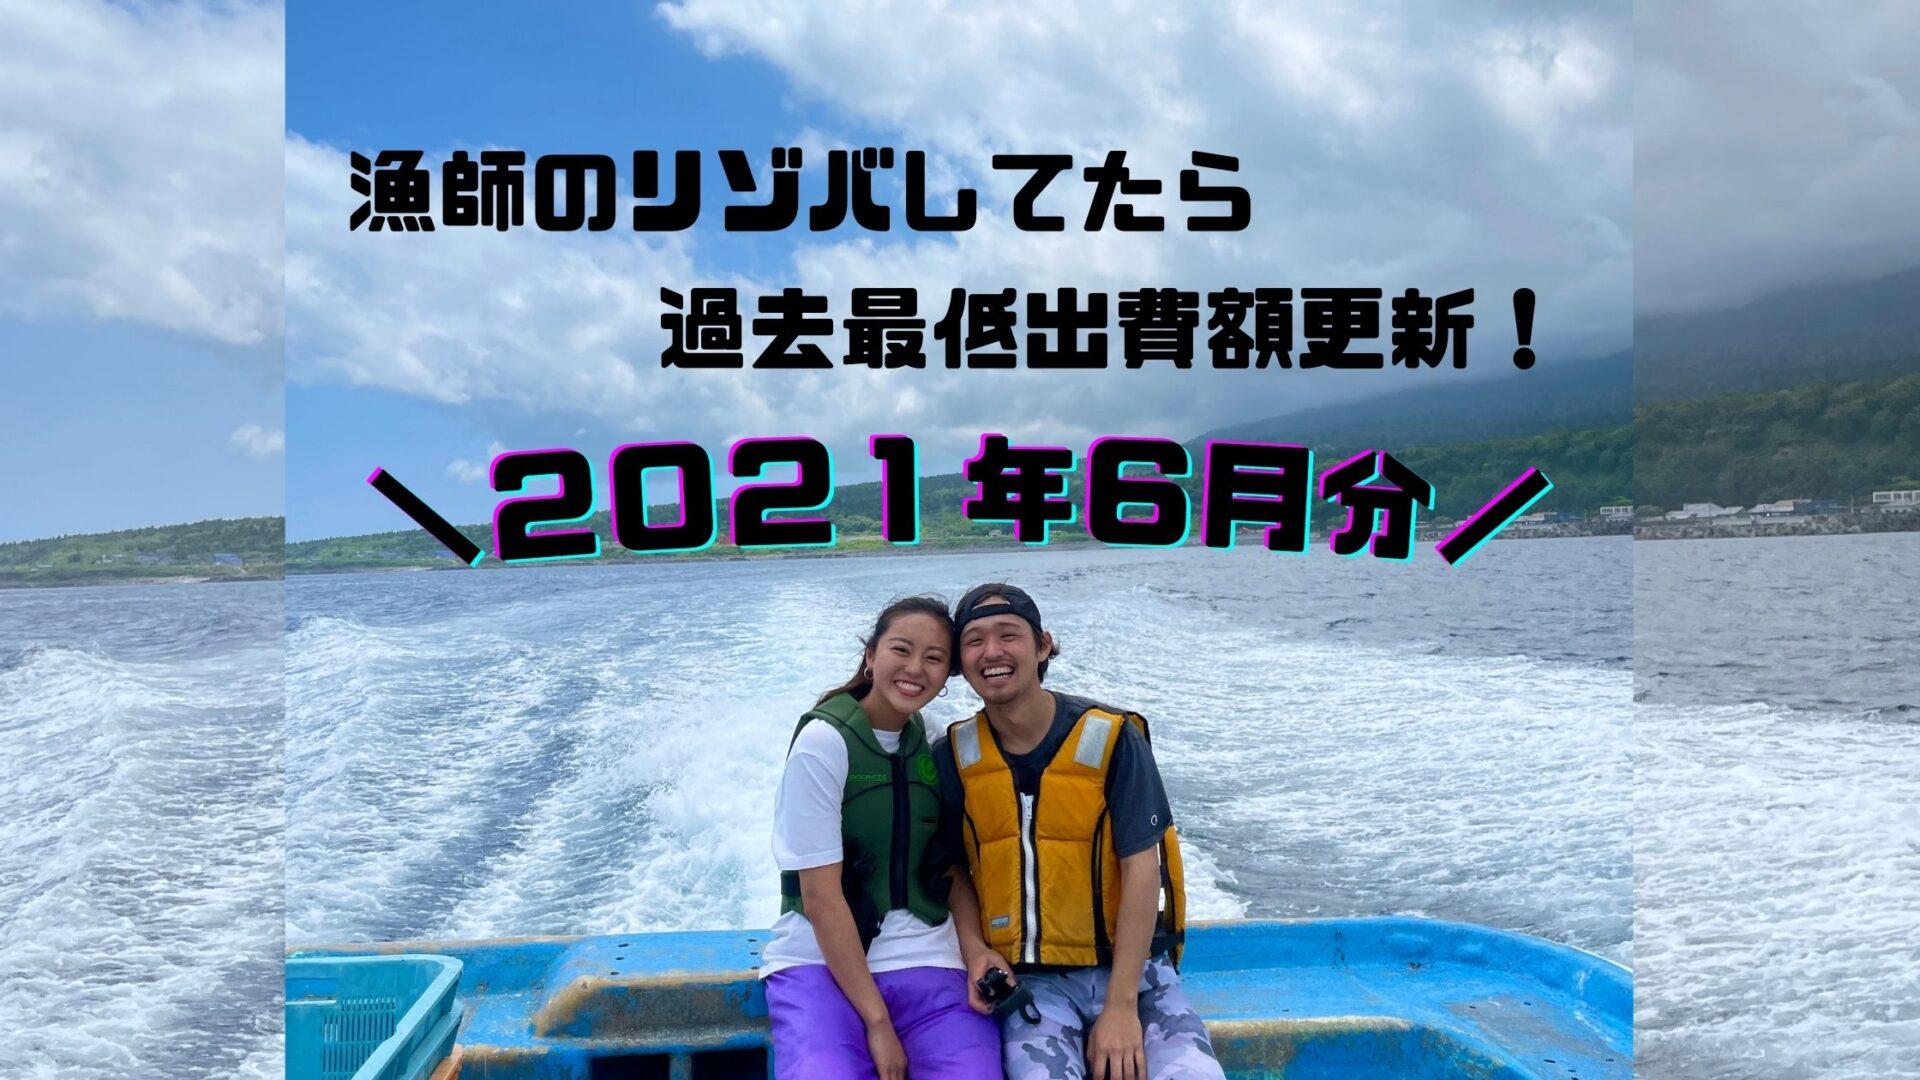 一ヶ月二人で23,000円で生活。最低出費額更新!【カップル家計簿2021年6月分】